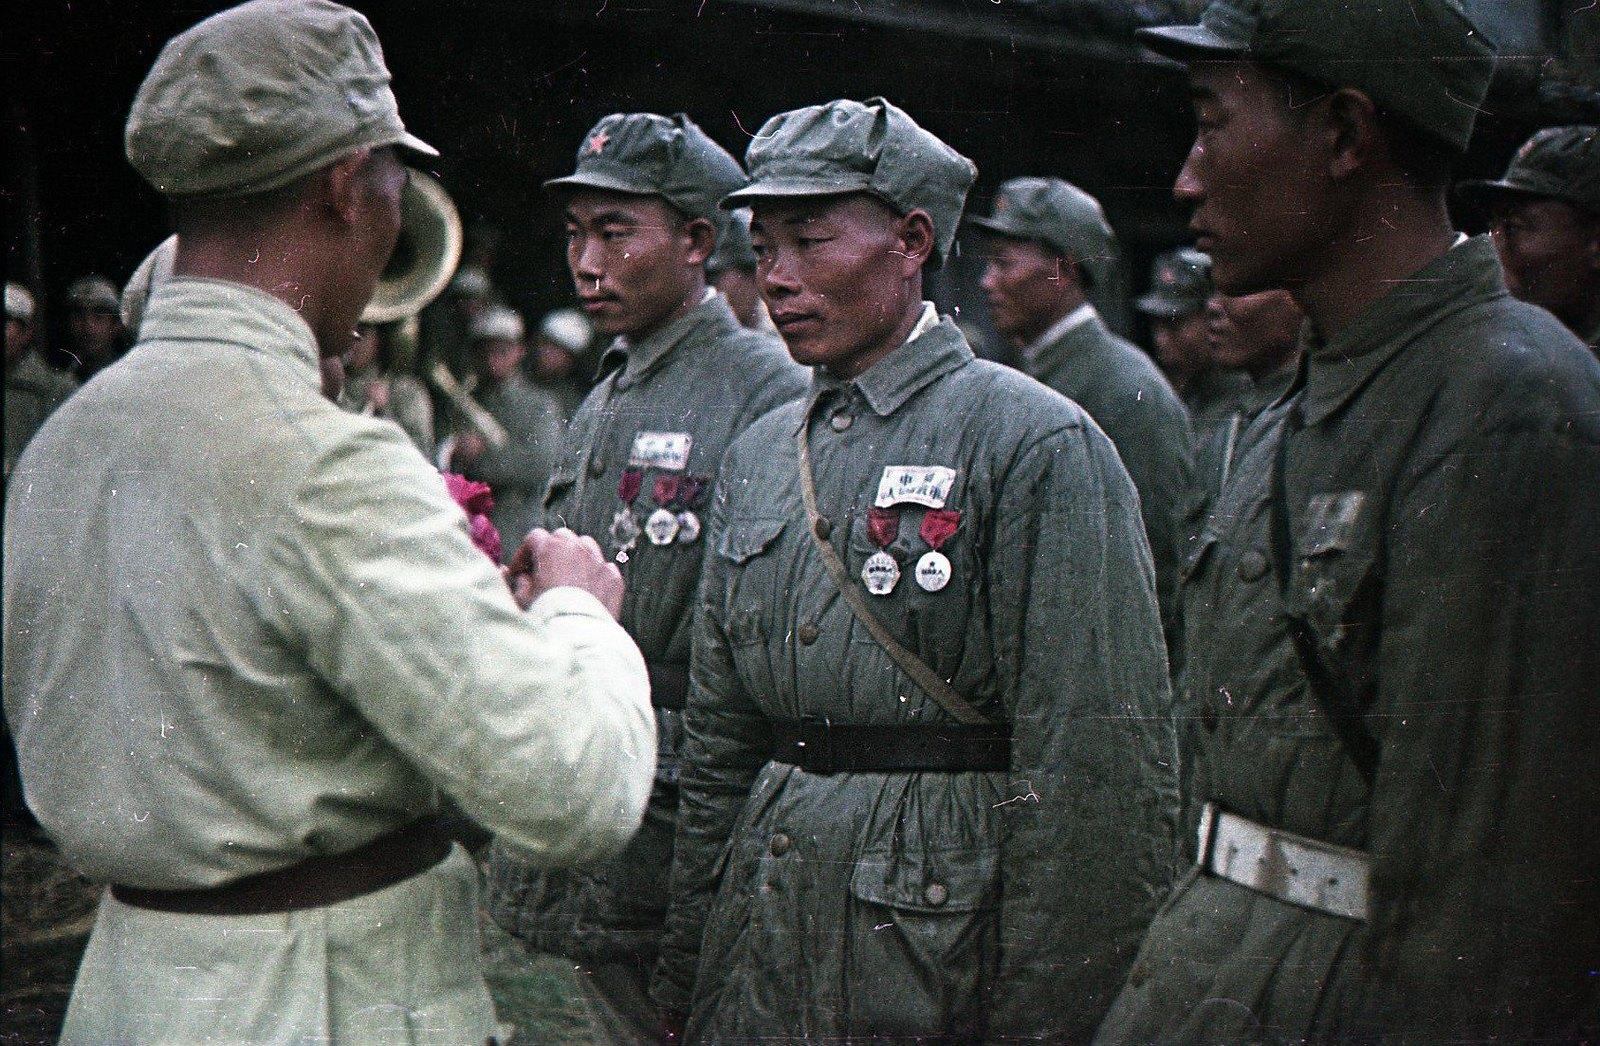 1949. Награждение бойцов Народно-освободительной армии Китая (НОА)